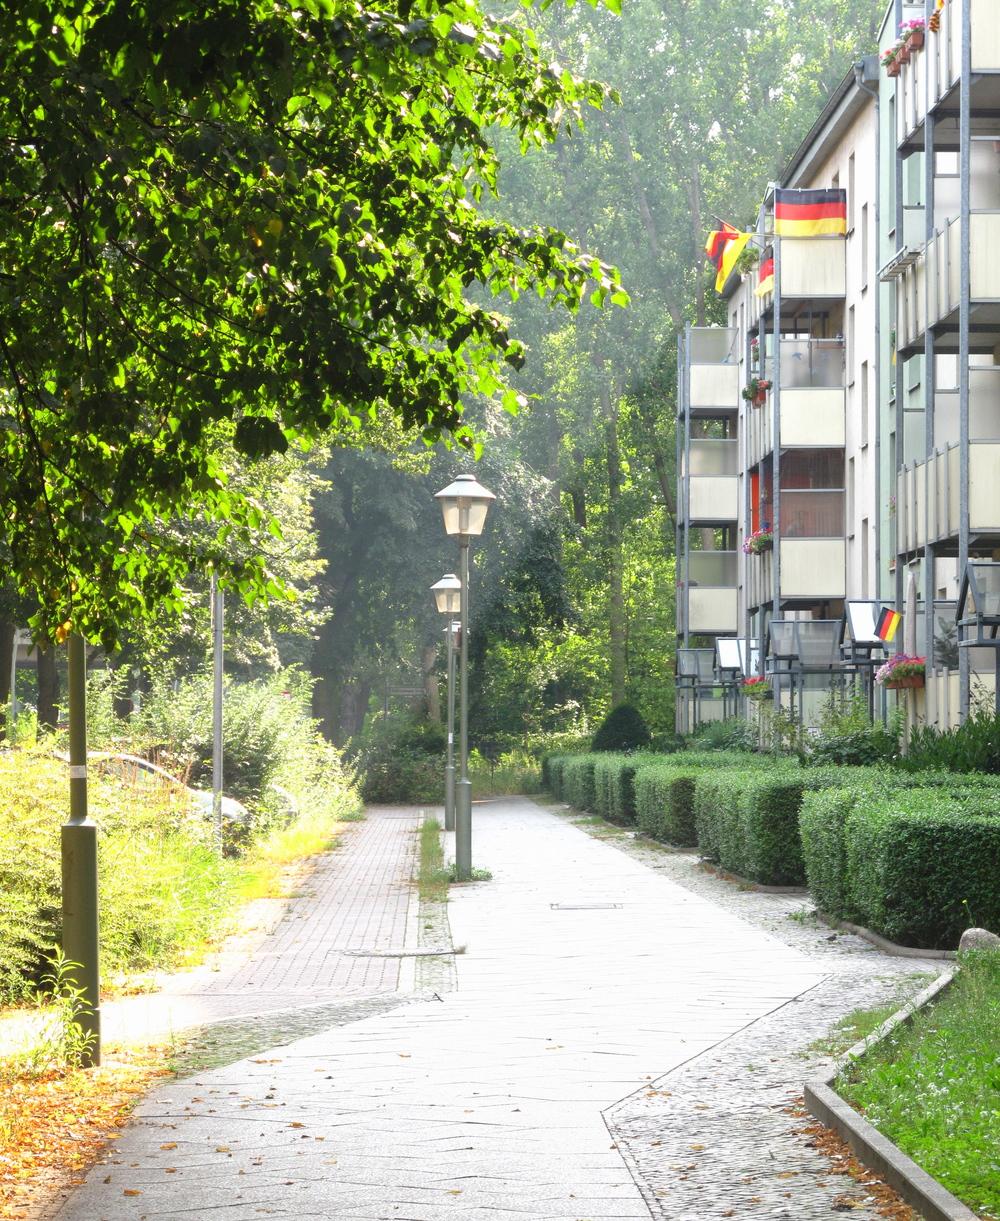 The suburbs of Berlin near Spree Park